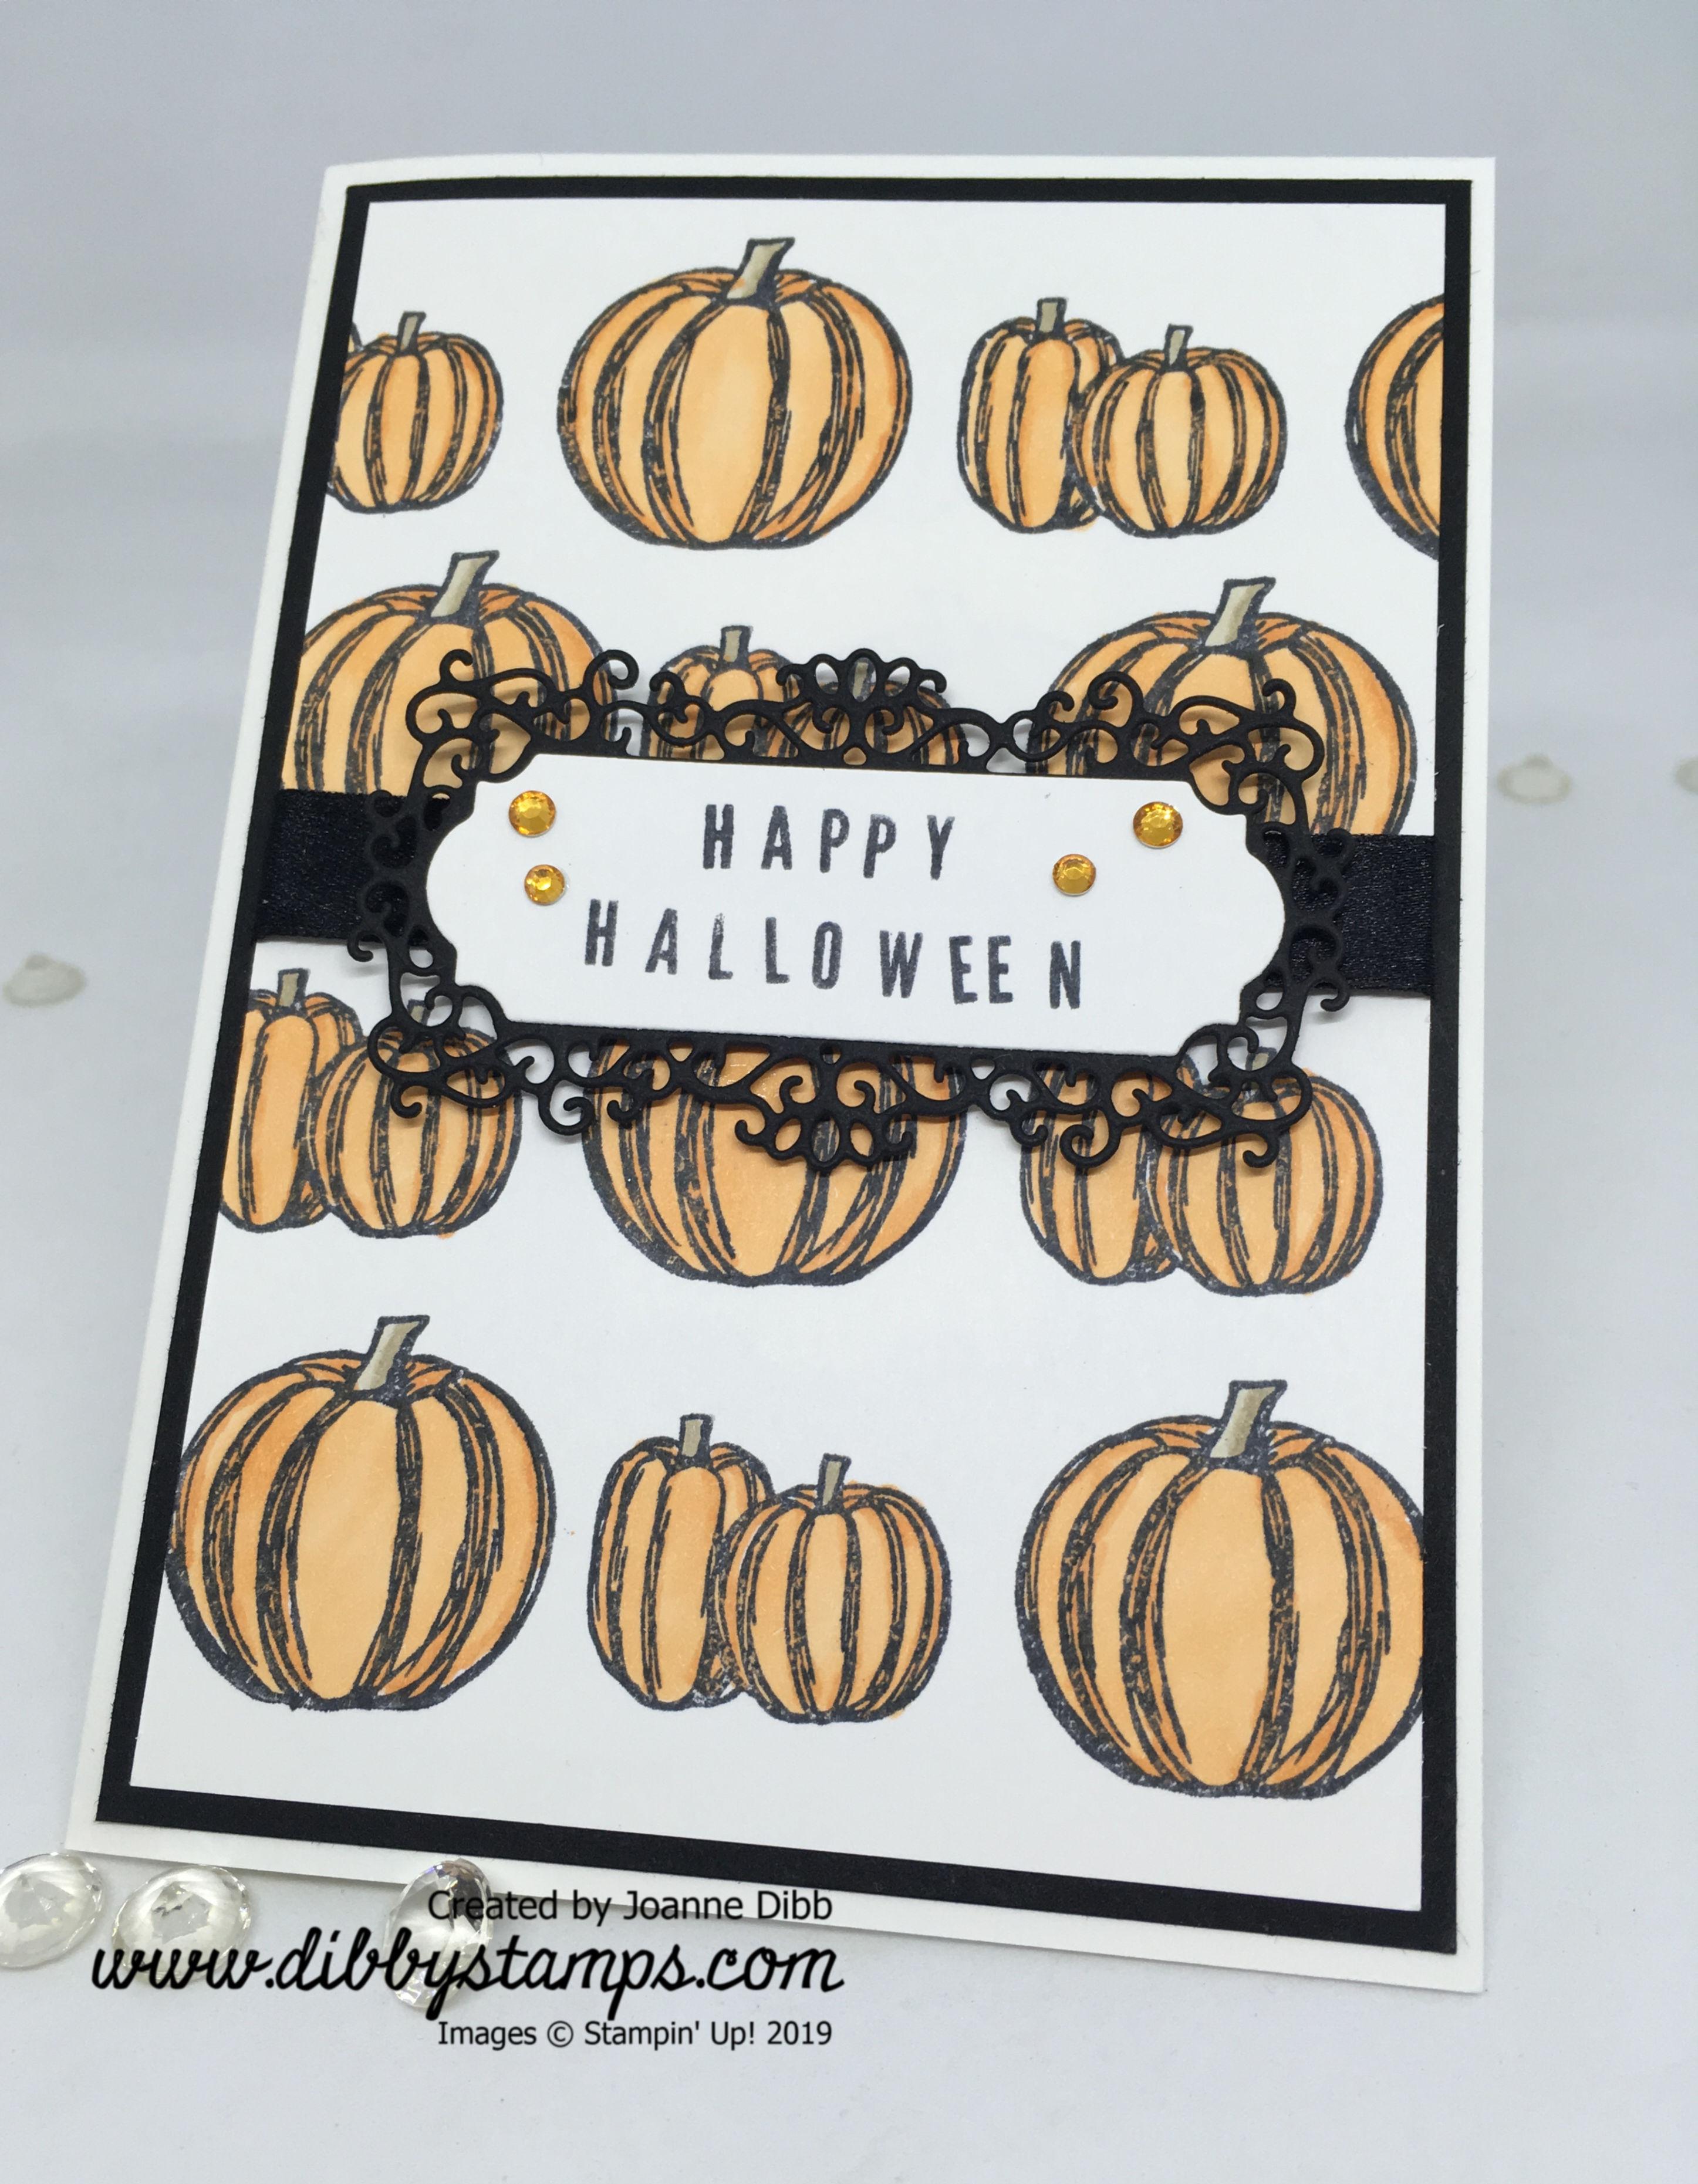 Happy Halloween Card flat